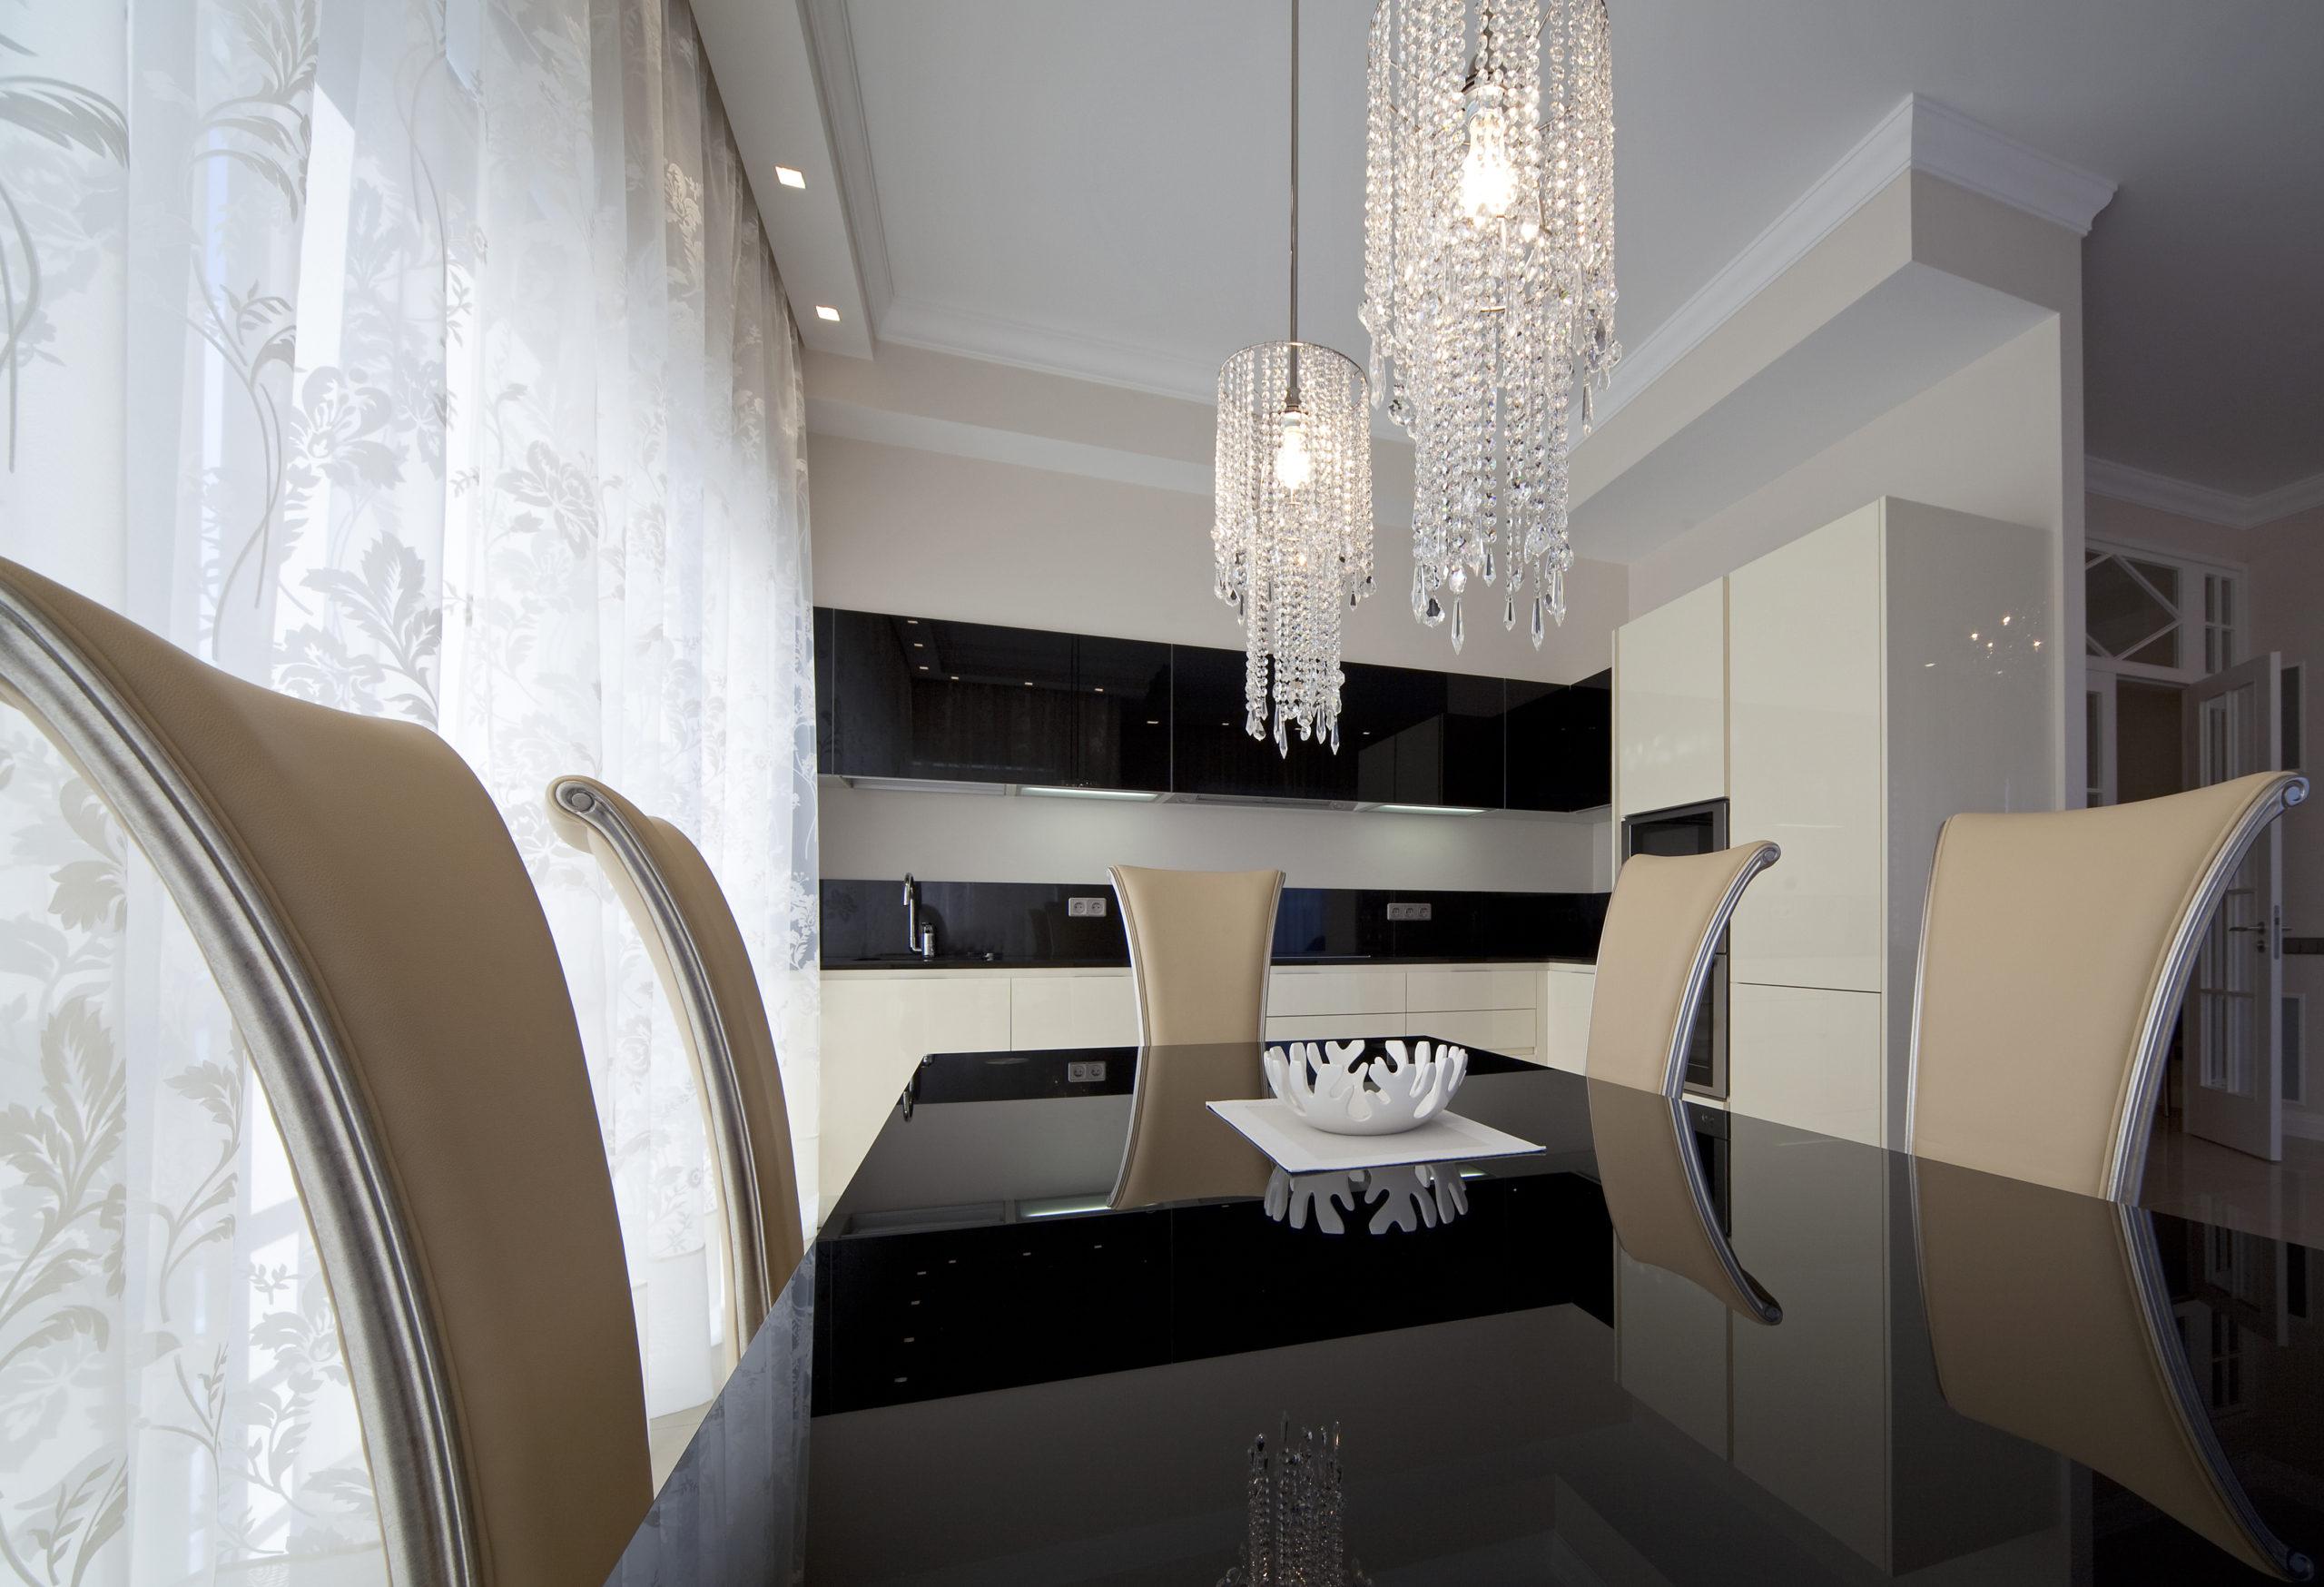 spanplafond in een keuken met ophangverlichting